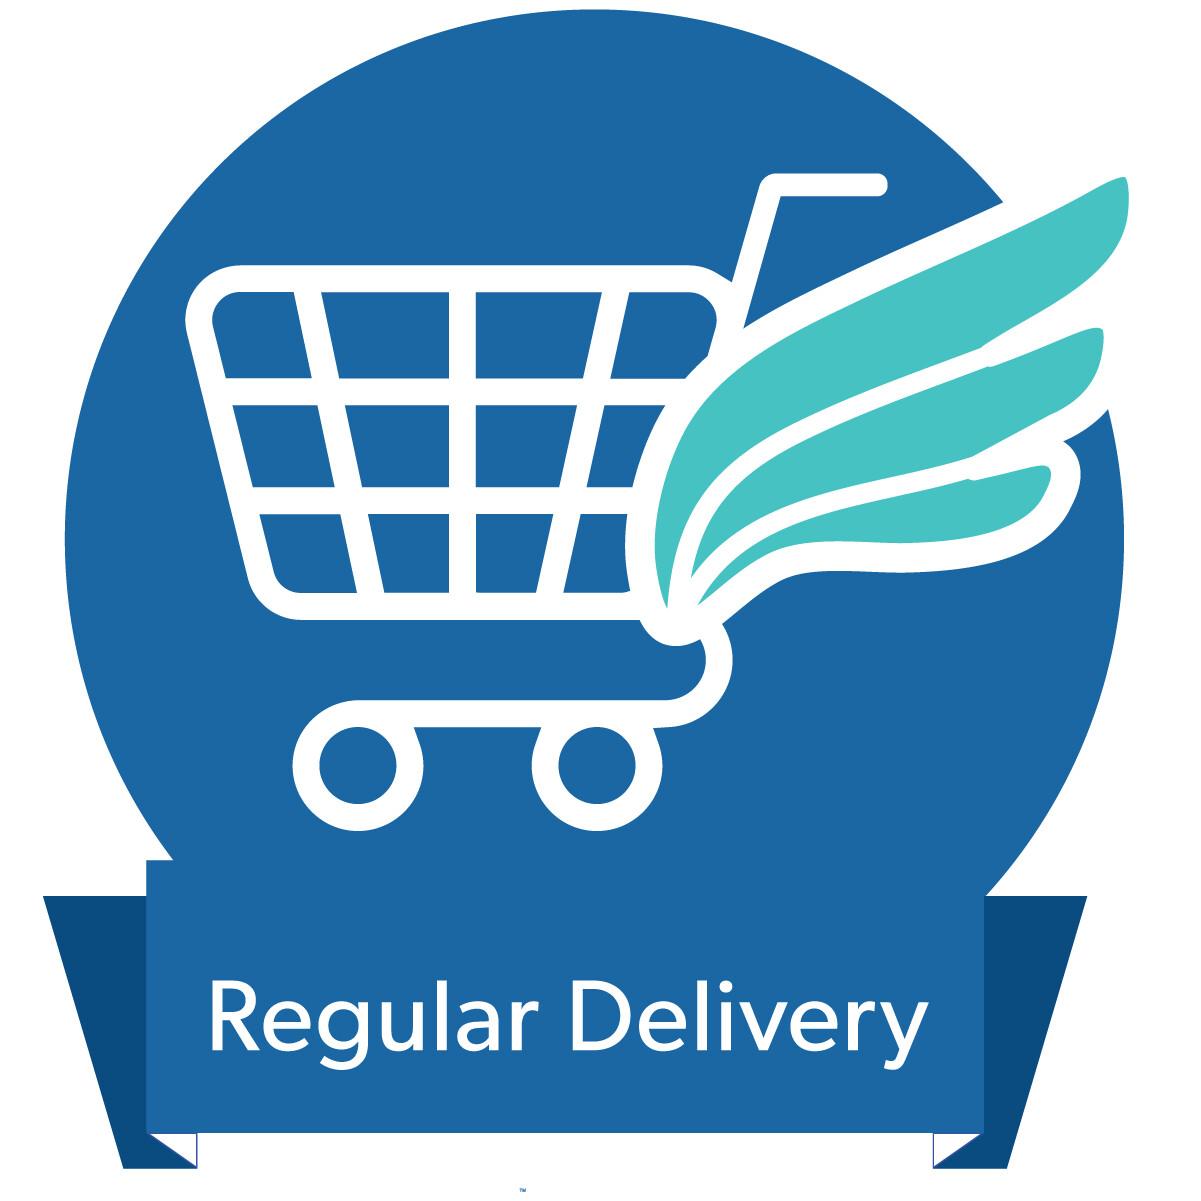 Regular Delivery